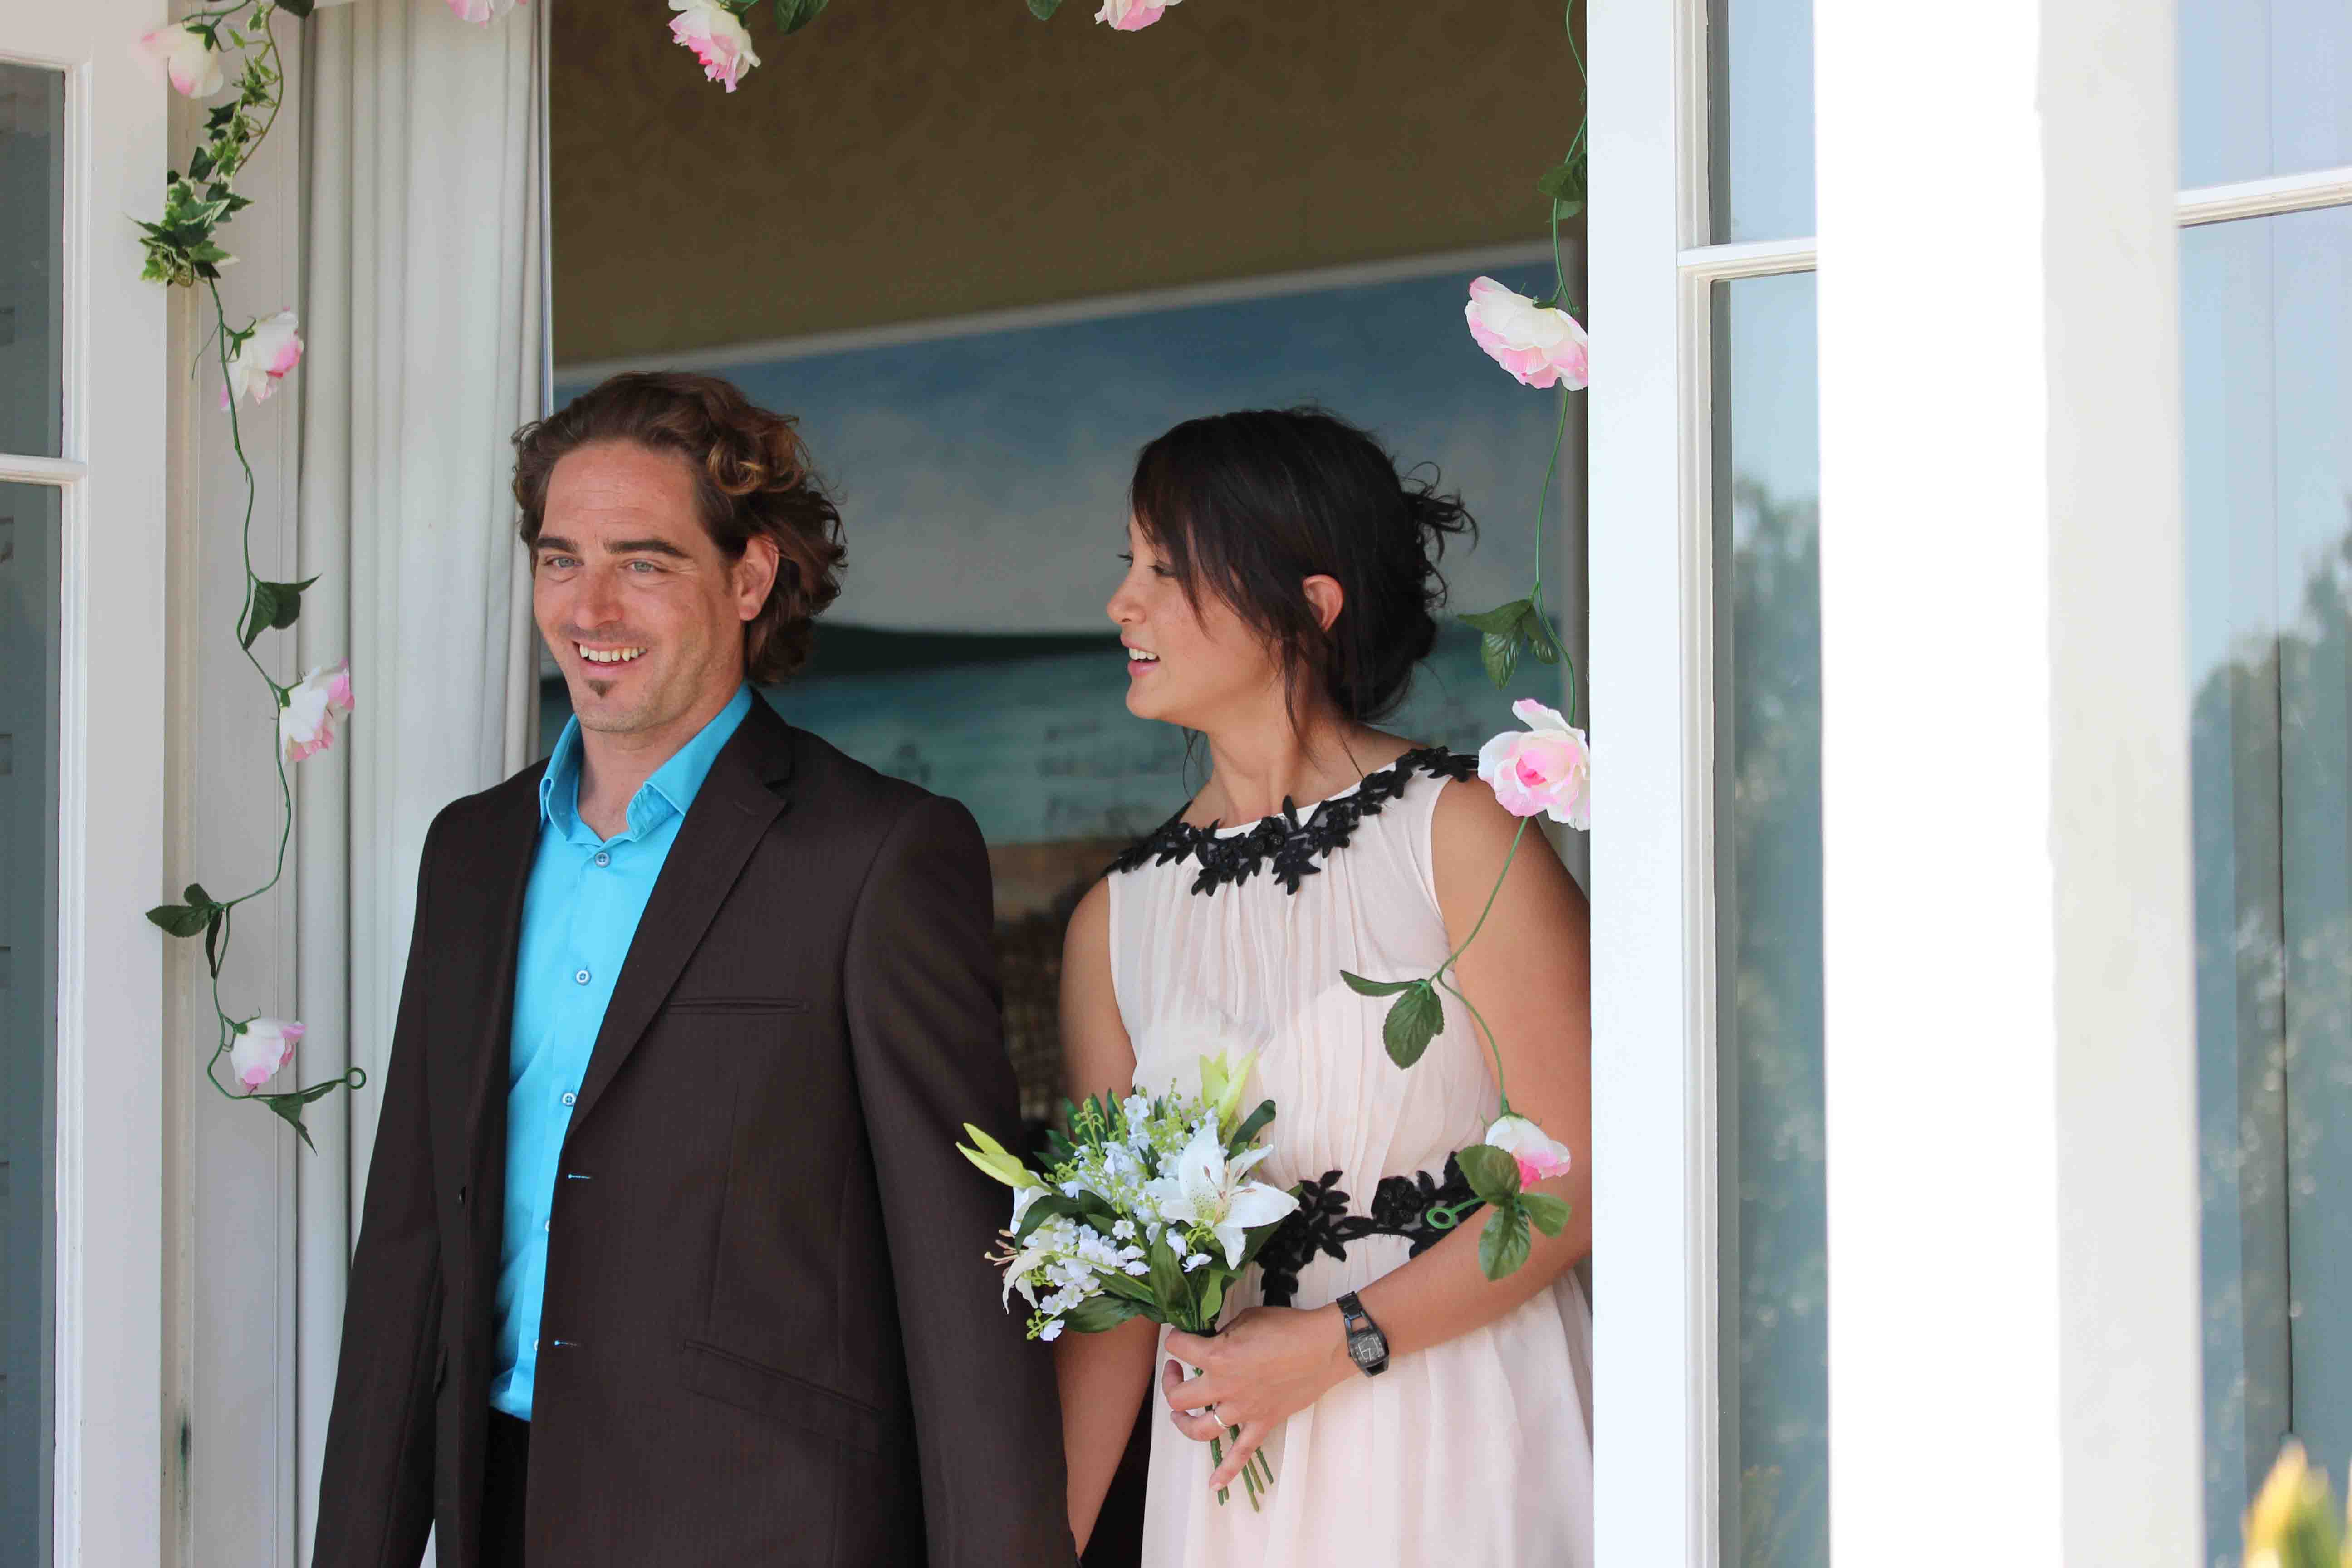 mariage_,nouvelle_zelande_2015 (4)